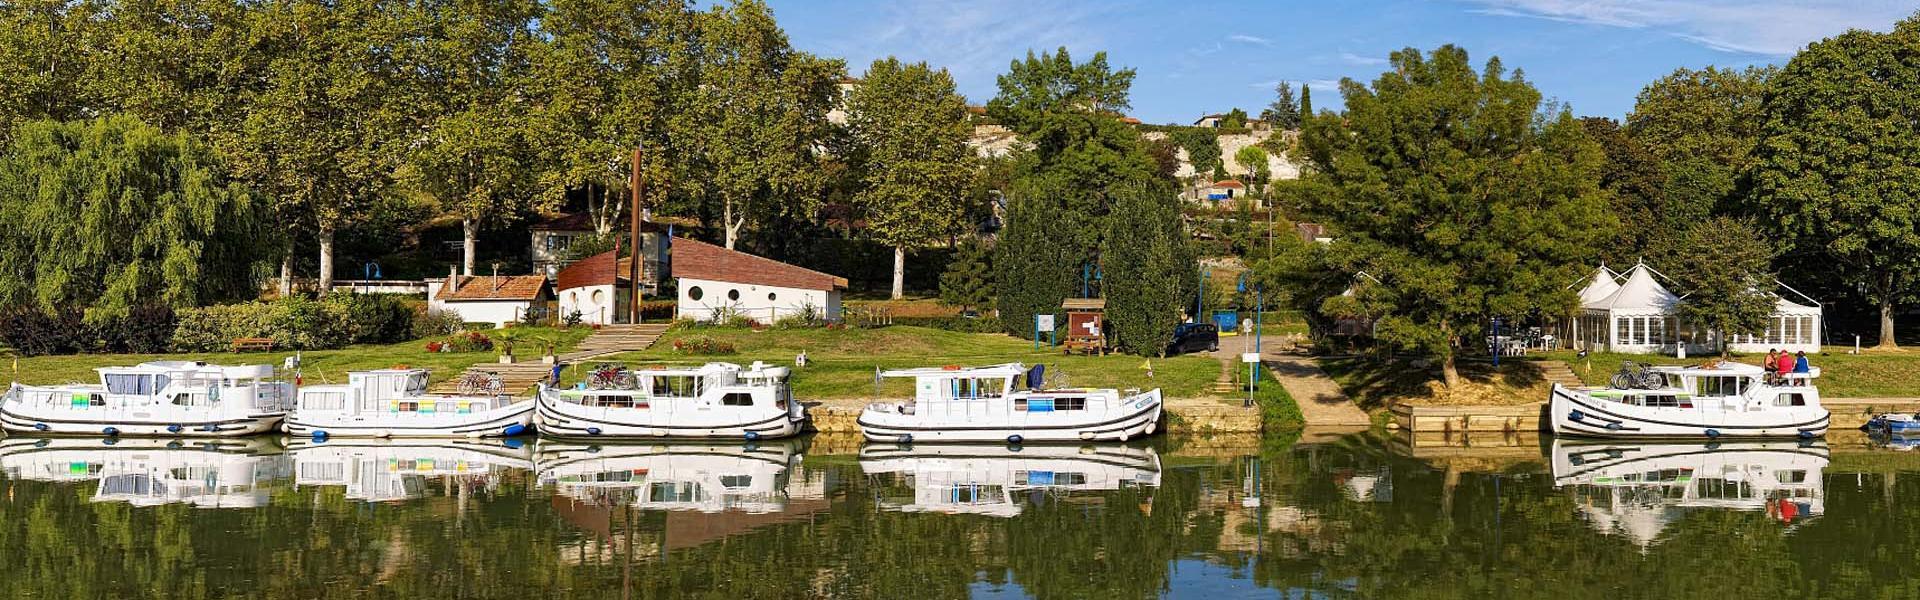 Halte nautique de Valence-sur-Baïse dans le Gers